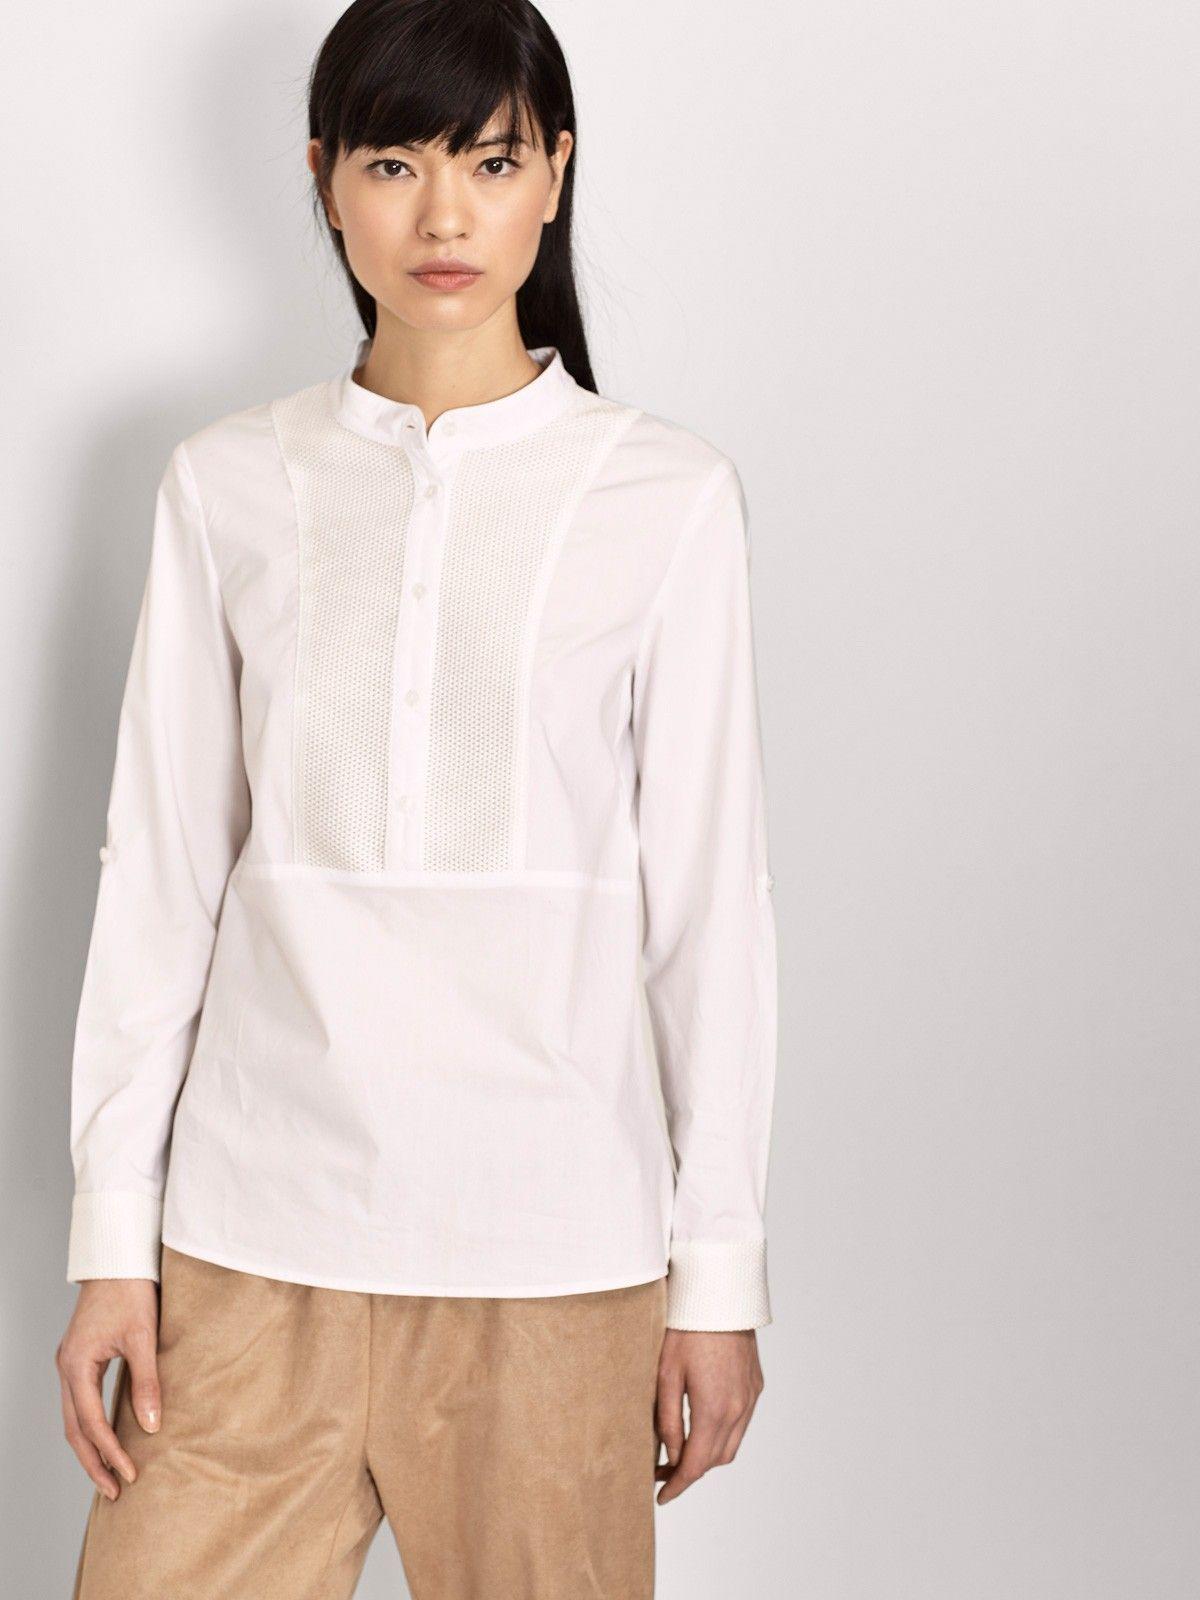 f0c72122e2e71 camisa blanca mujer cuello mao - detalle frontal Cuello Alto